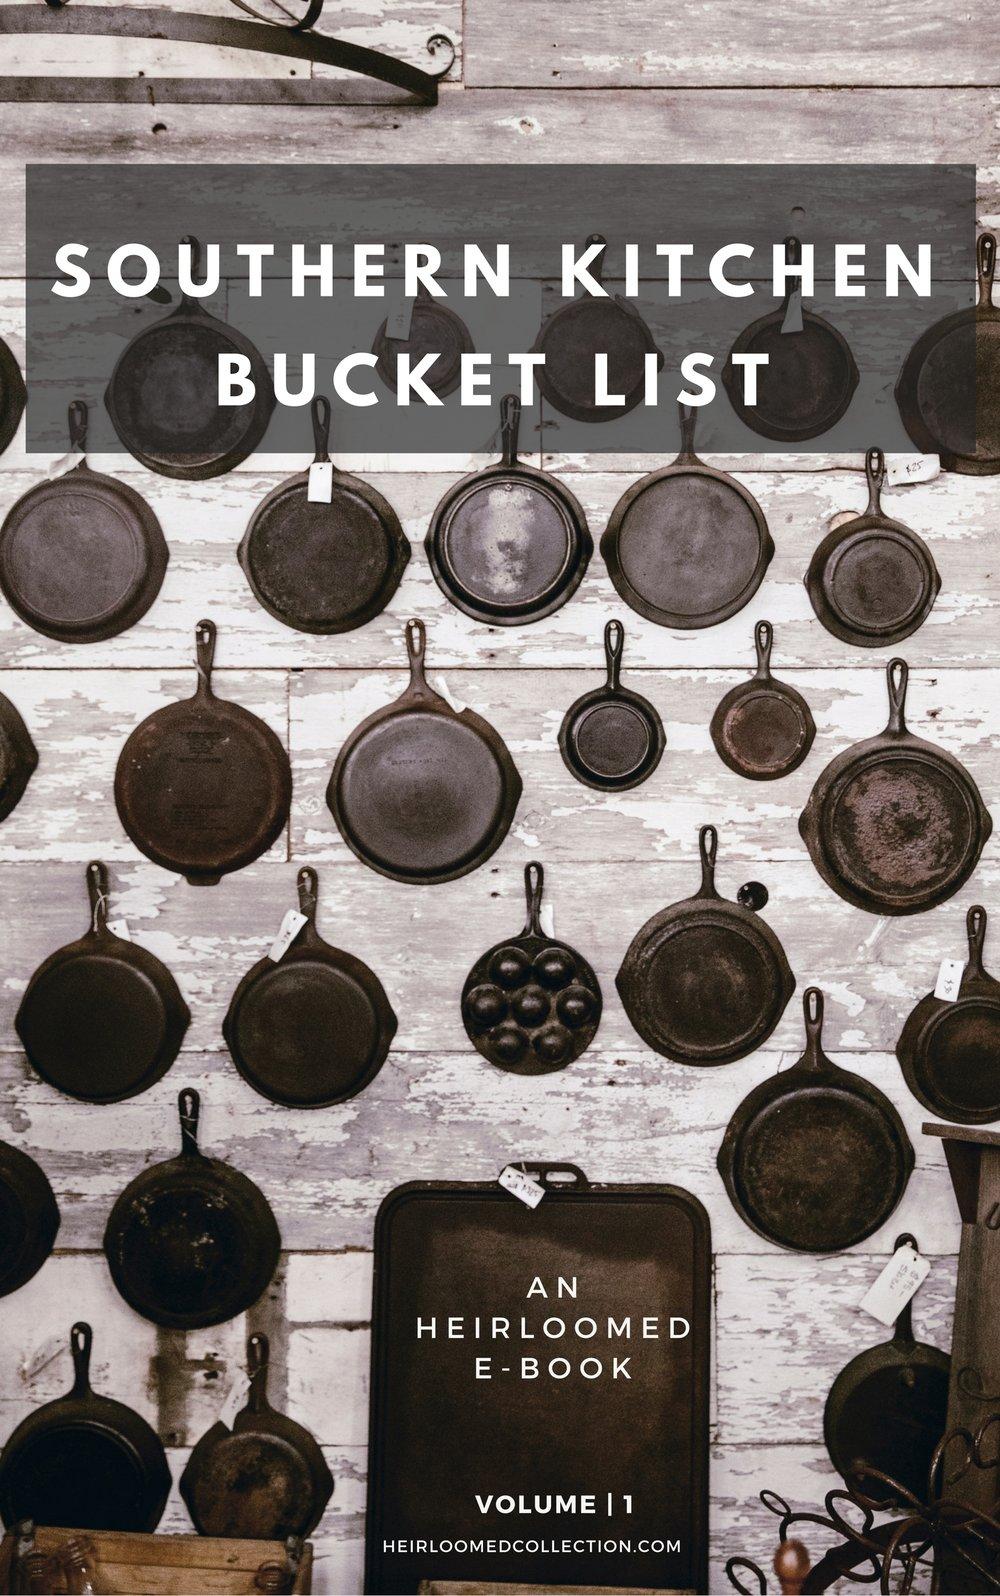 SOUTHERN KITCHEN BUCKET LIST EBOOK.jpg